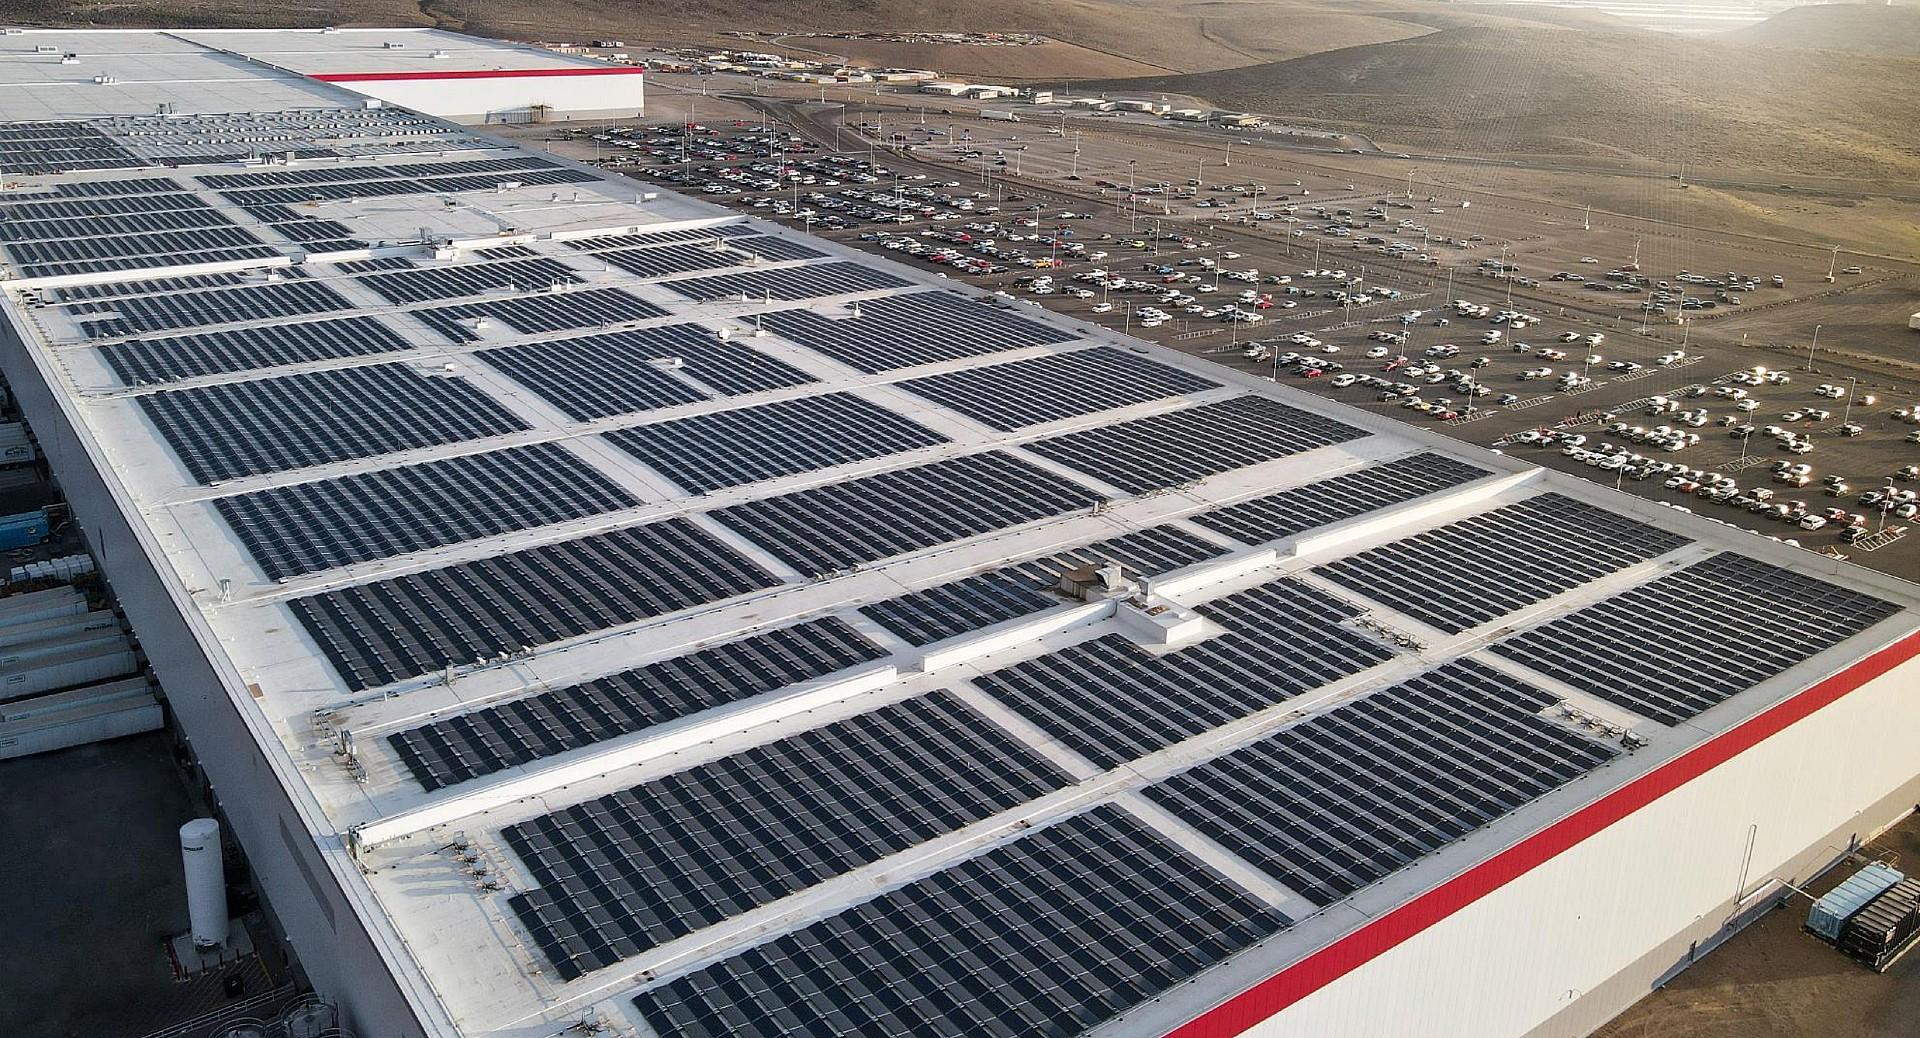 tesla-gigafactory-nevada-solar-roof